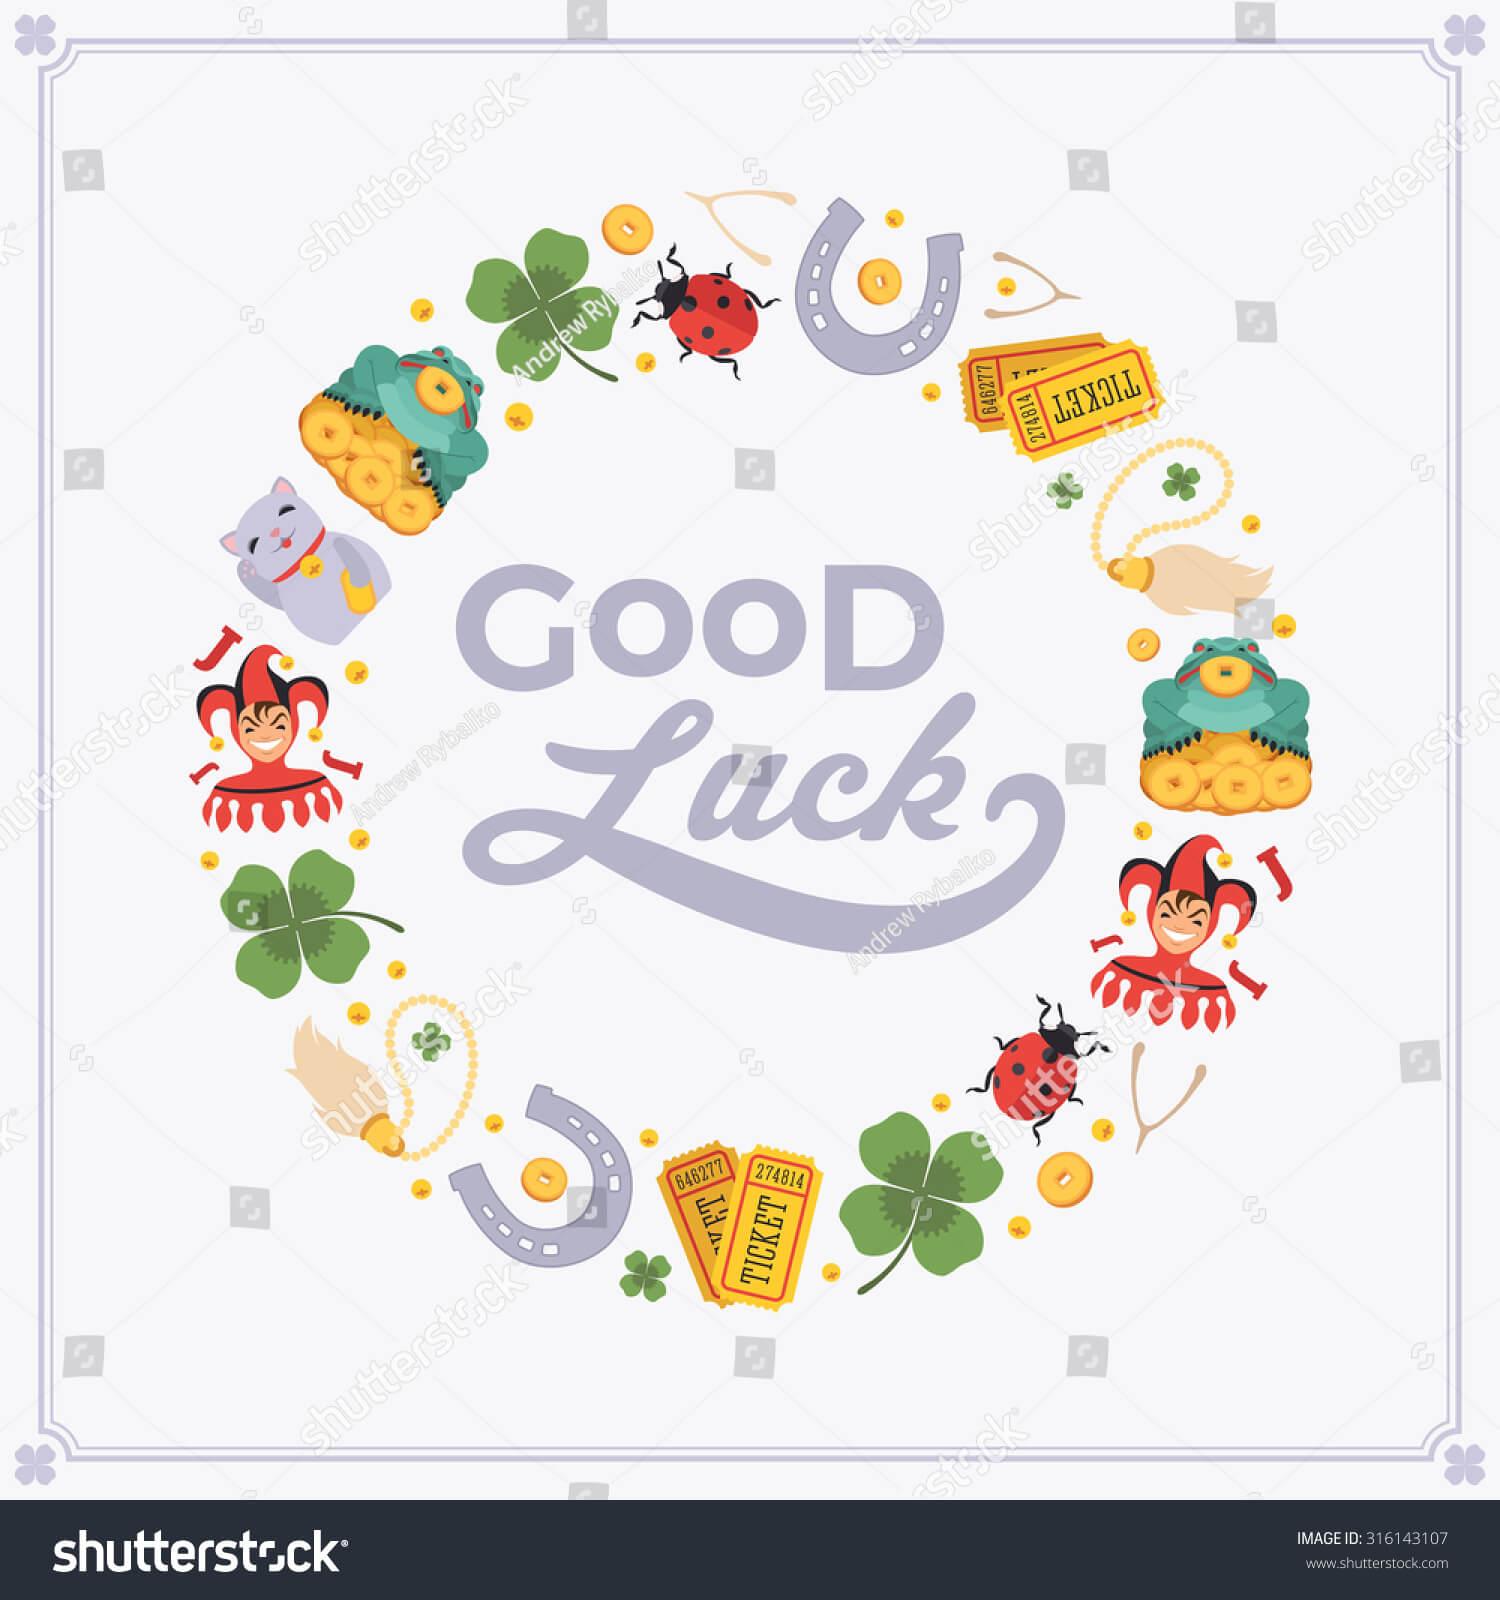 Vector Decorating Design Made Lucky Charms Stock Vector Regarding Good Luck Card Template